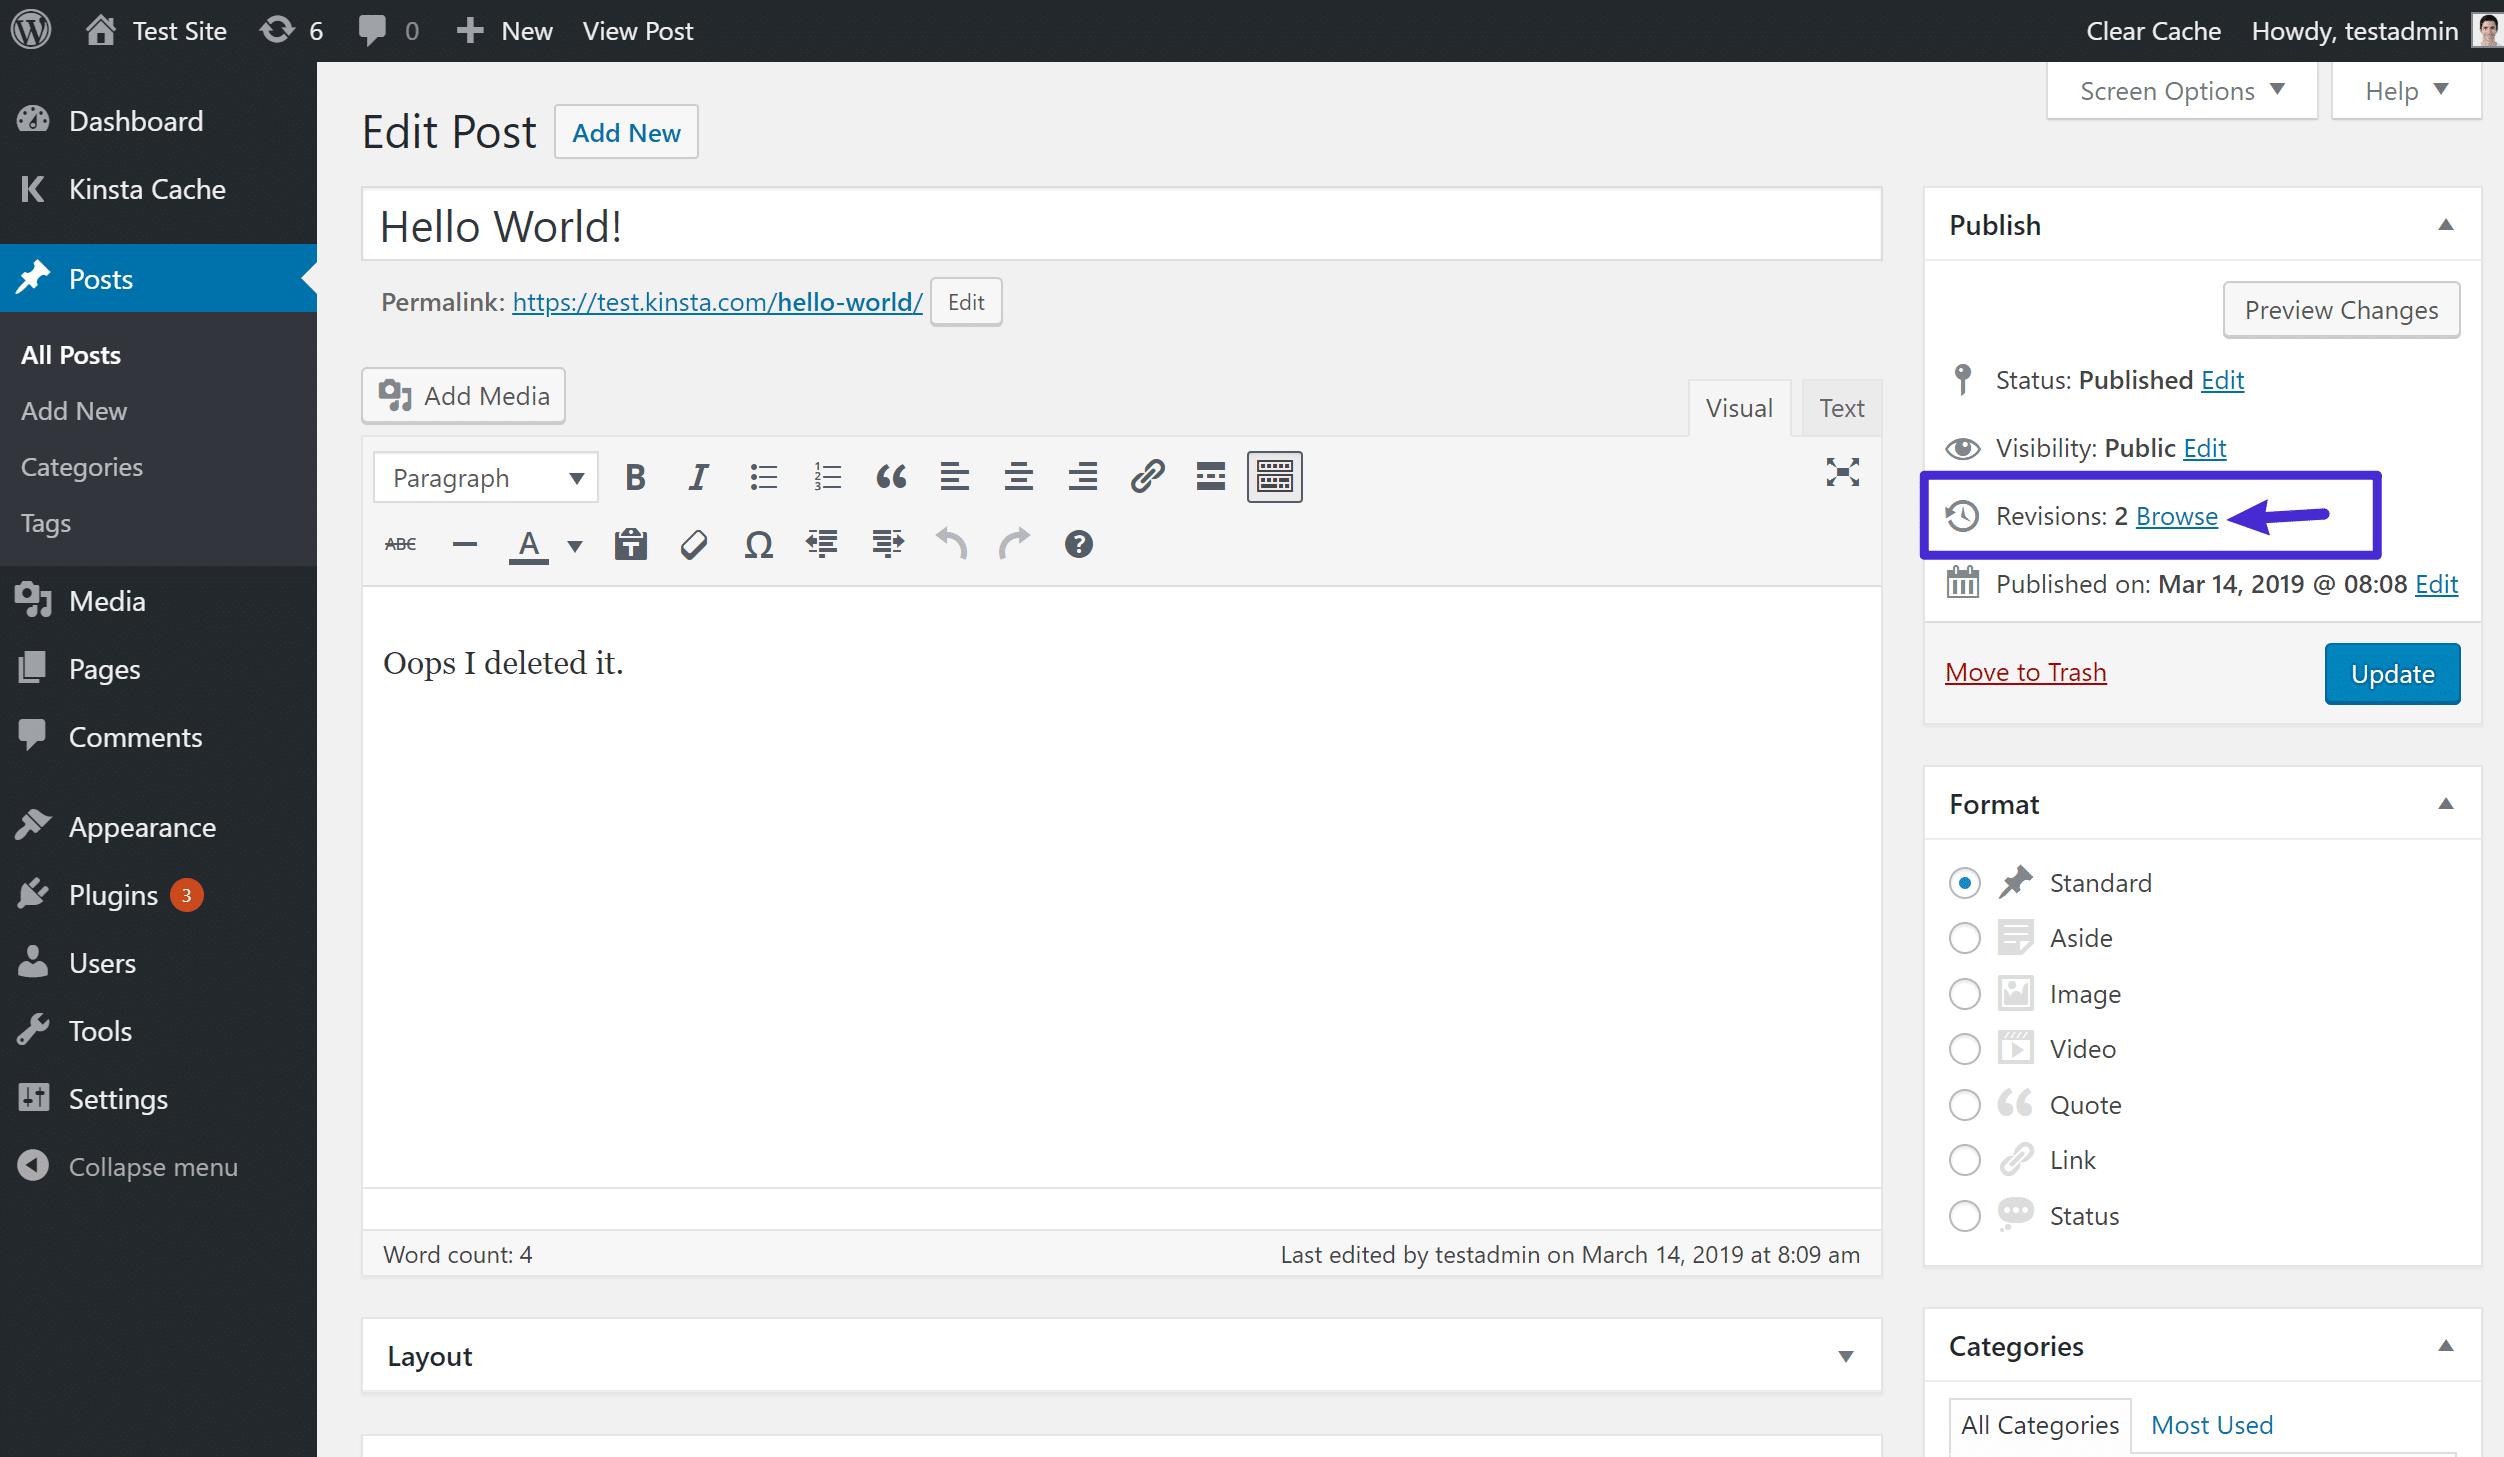 Cómo acceder a las revisiones en el editor Clásico